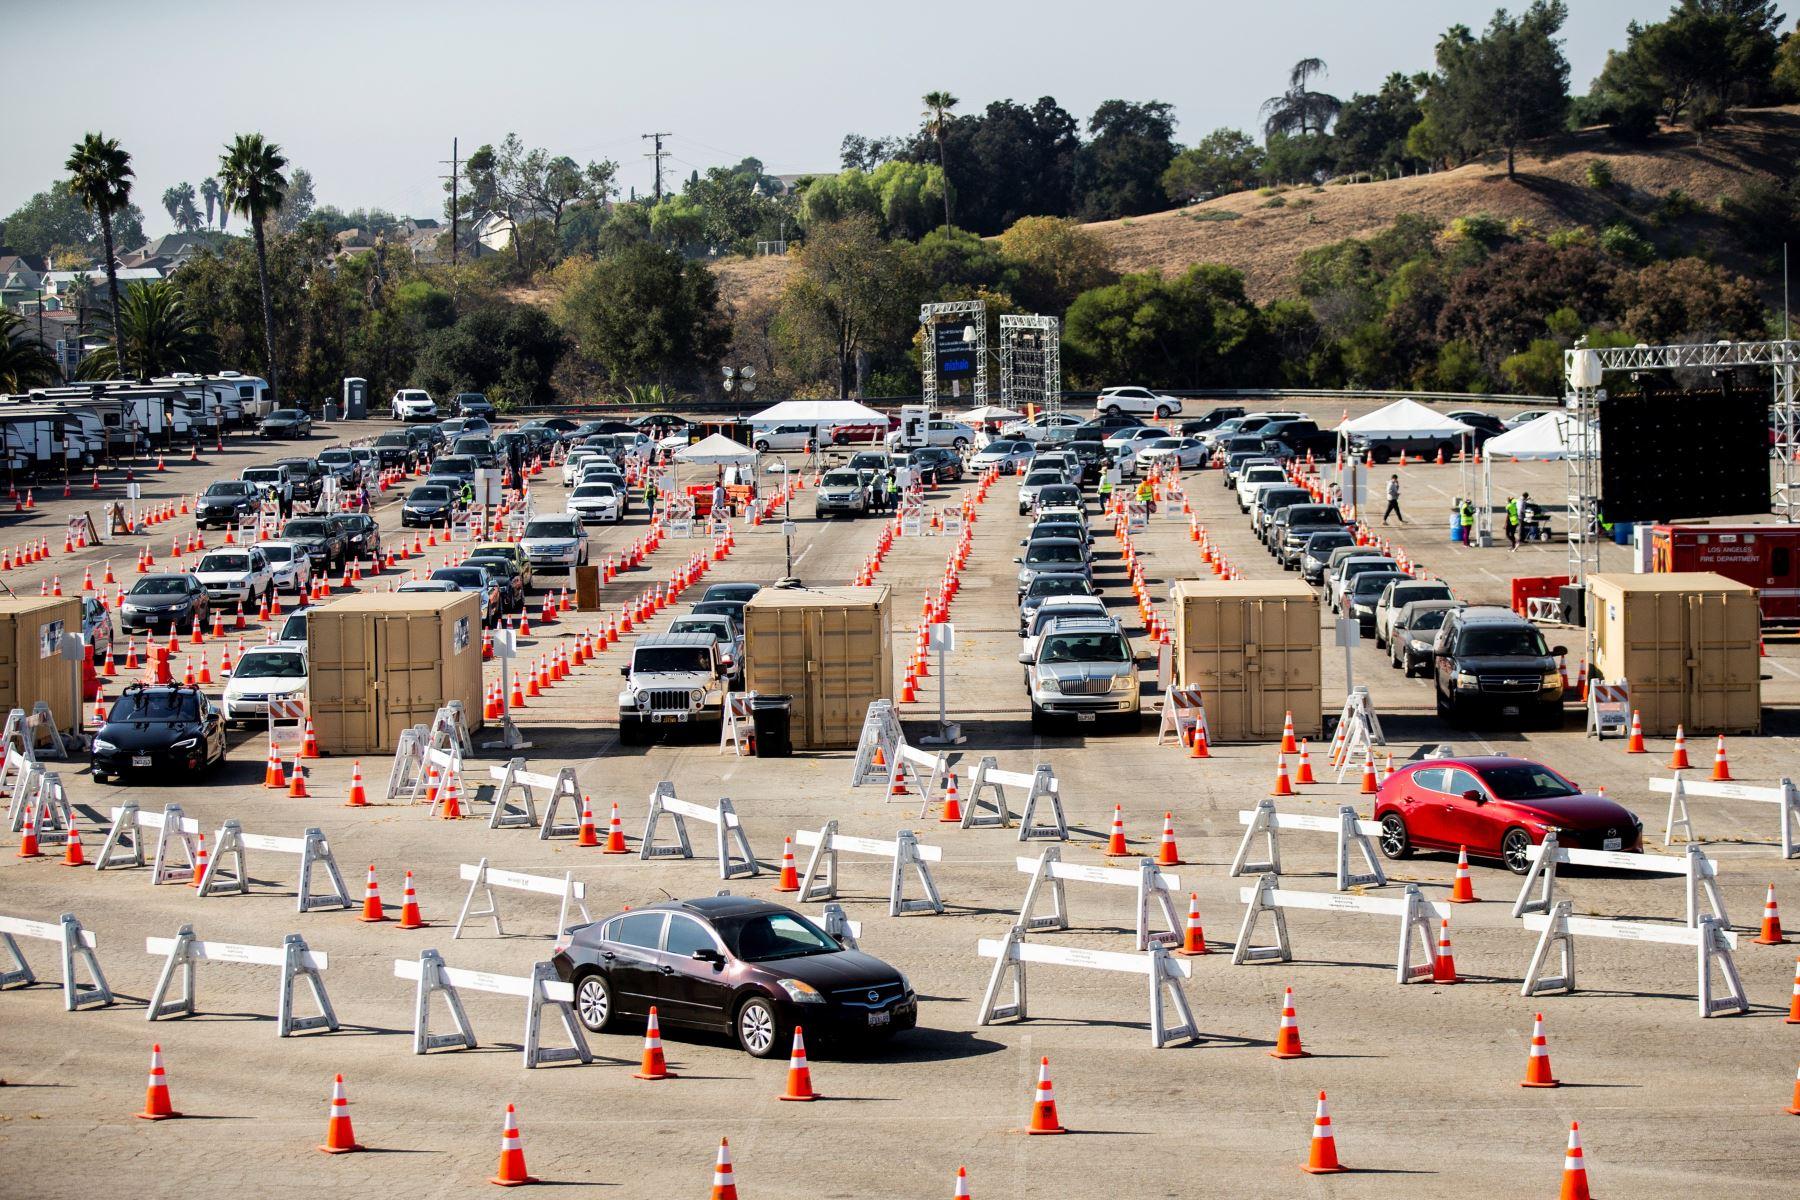 Cientos de autos esperando en fila para acceder al sitio de prueba COVID-19 en el Dodger Stadium en medio de la pandemia de coronavirus en Los Ángeles, California. Foto: AFP